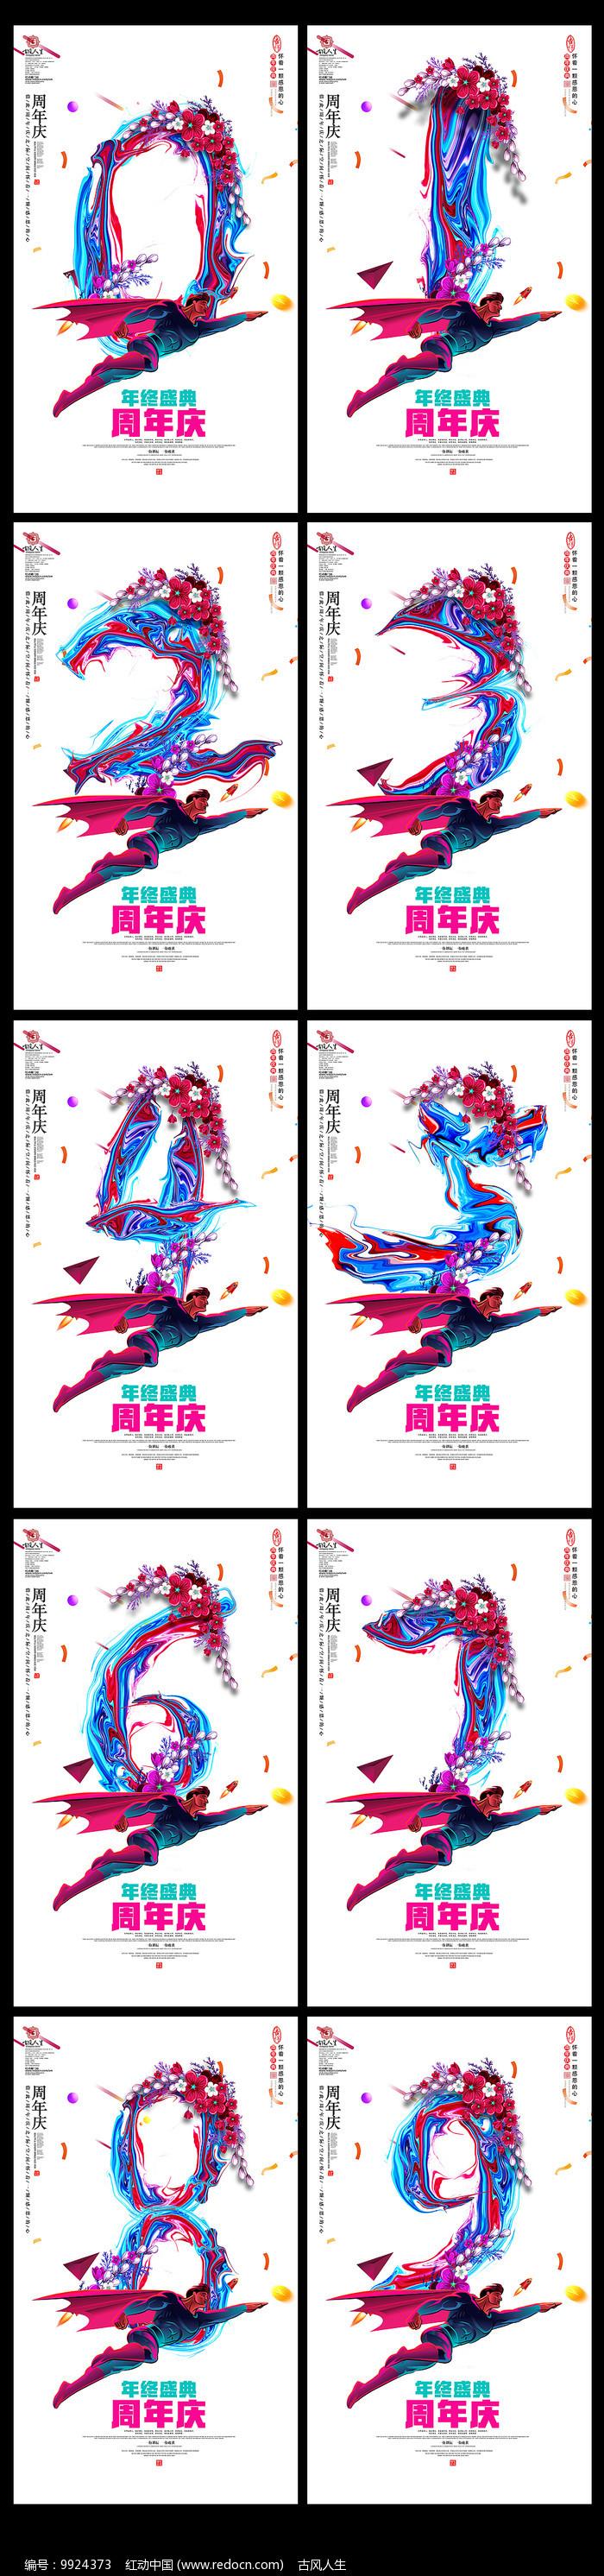 创意水彩周年庆海报图片